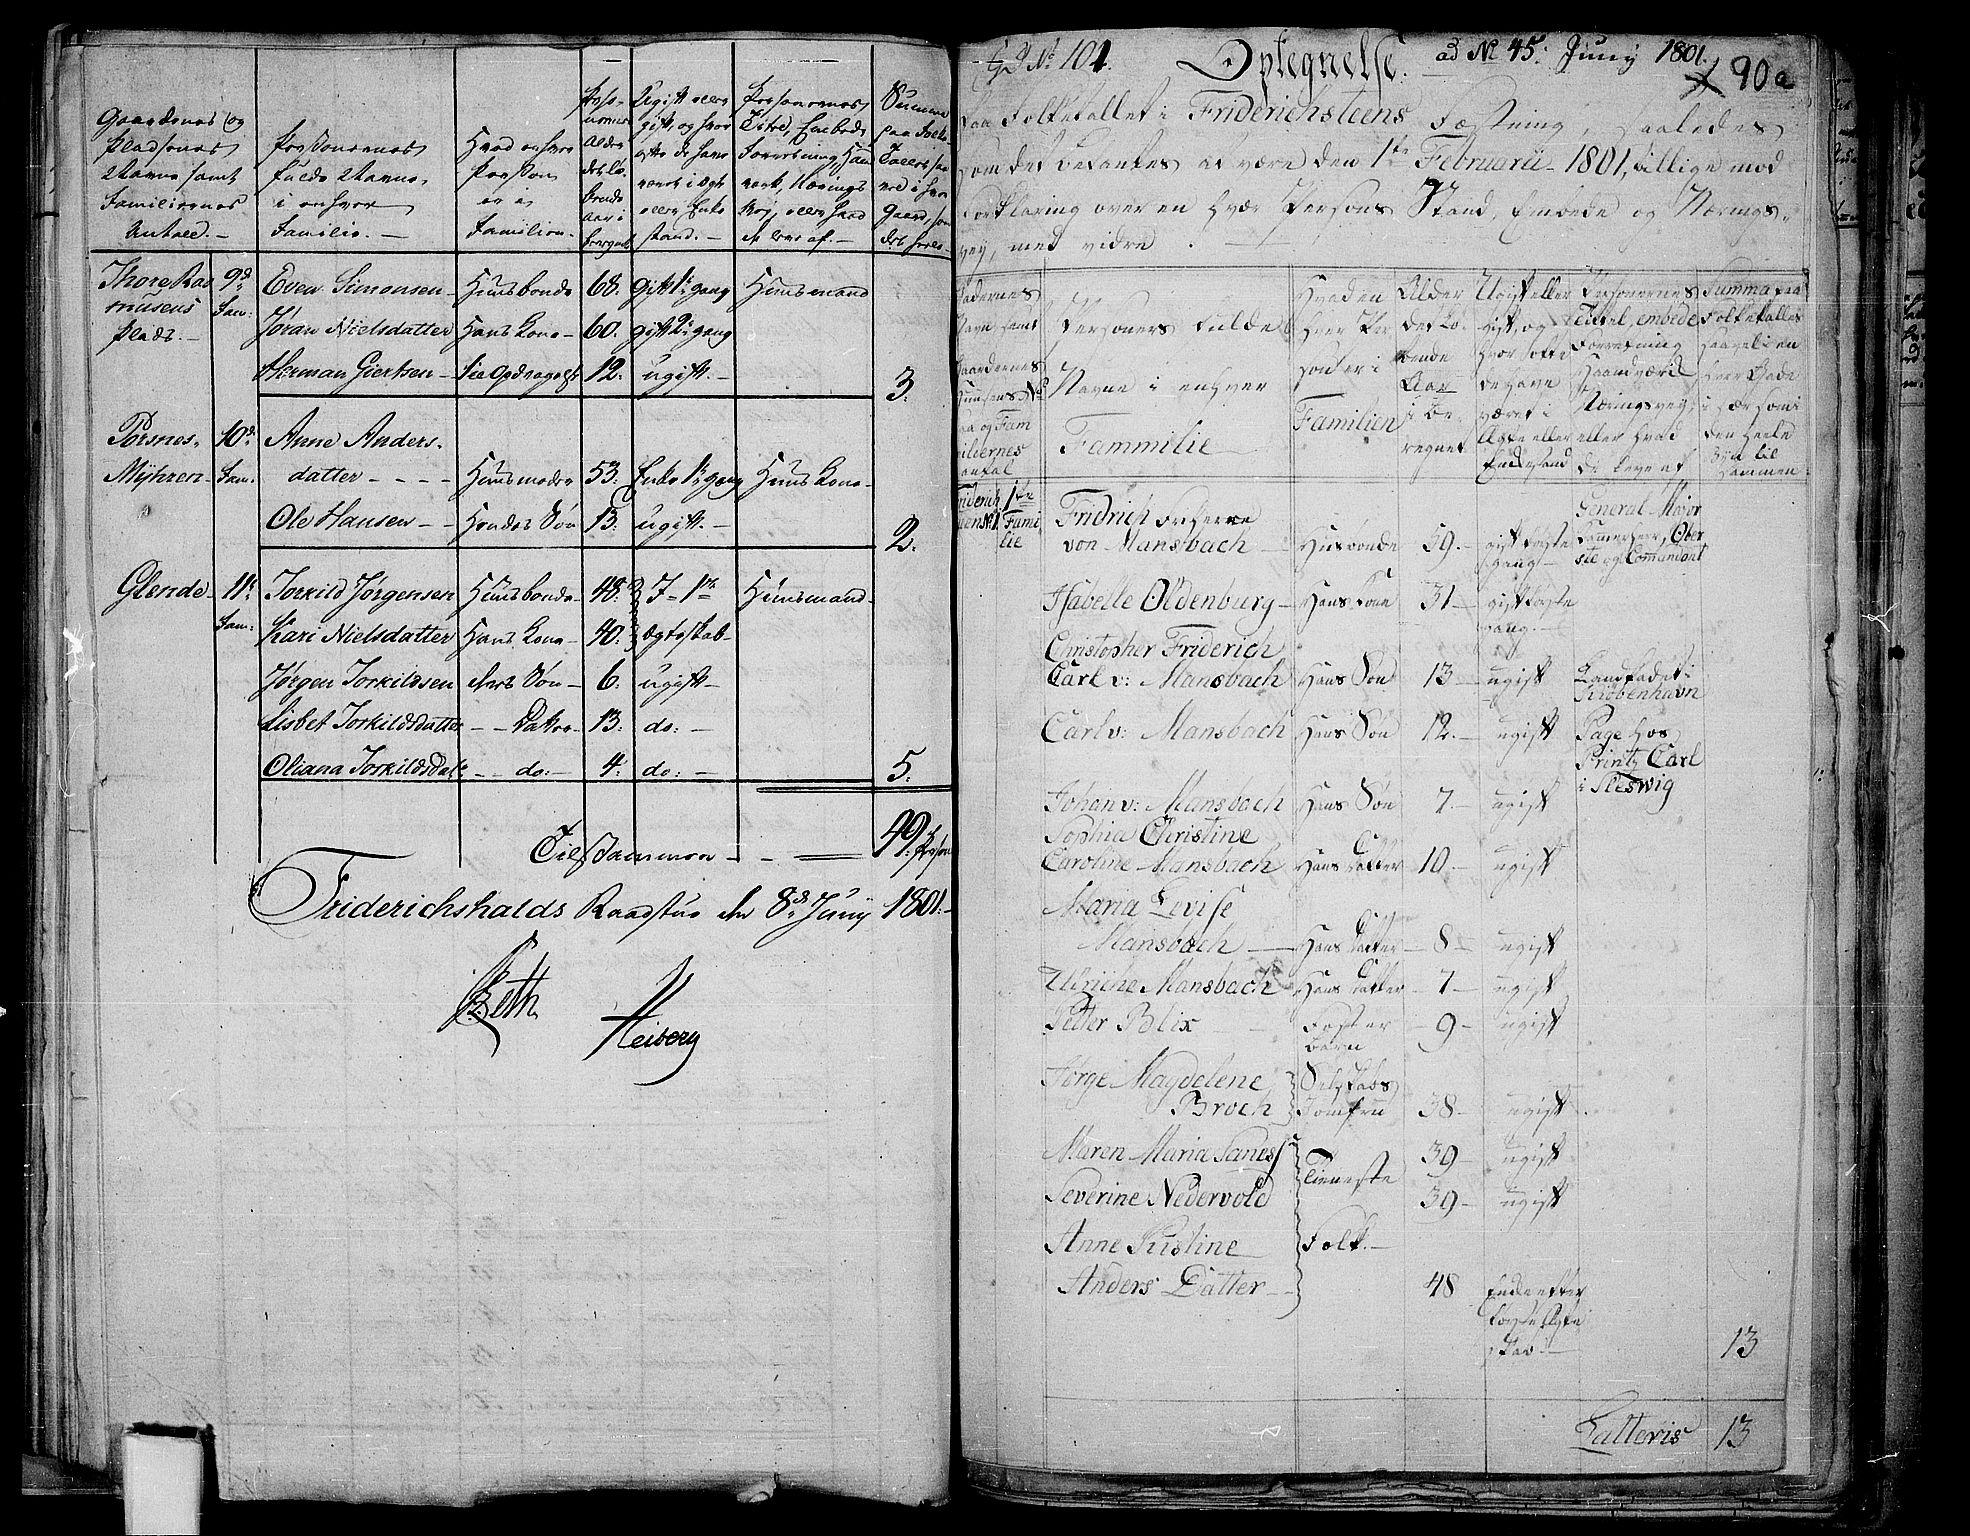 RA, Folketelling 1801 for 0101P Fredrikshald prestegjeld, 1801, s. 90b-upag.